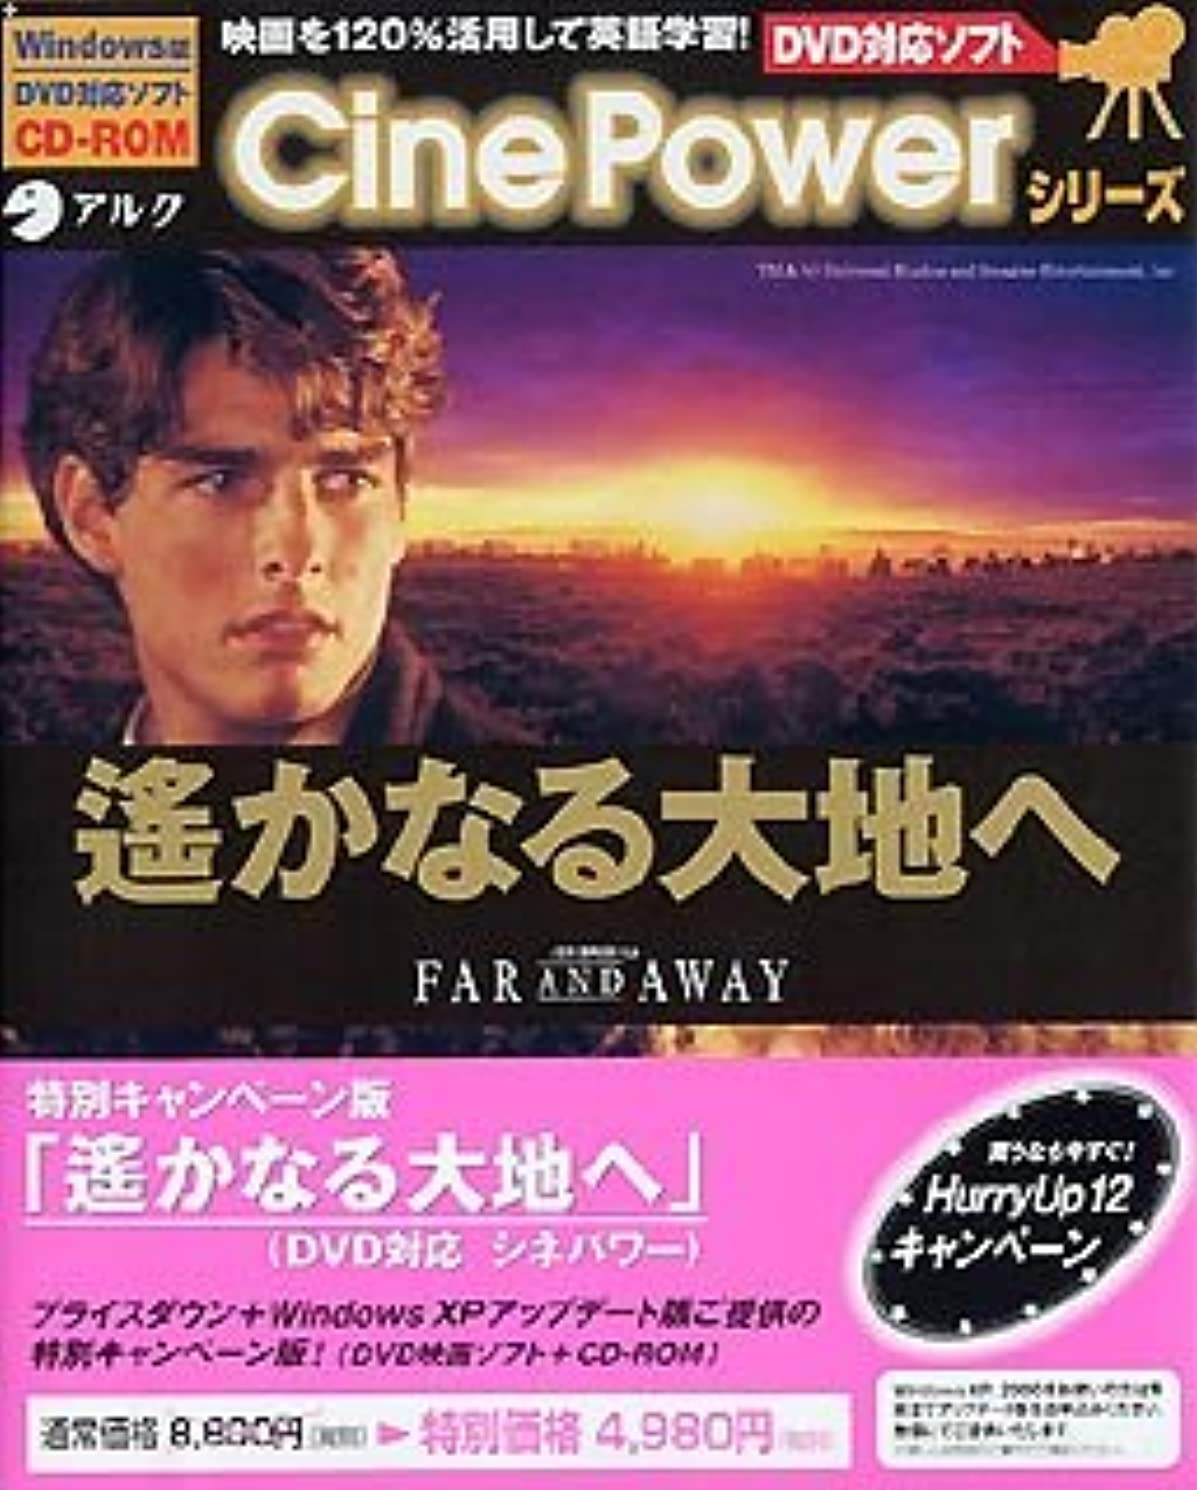 なぜなら扇動チャンピオンシップ特別キャンペーン版「遥かなる大地へ」(DVD対応シネパワー)